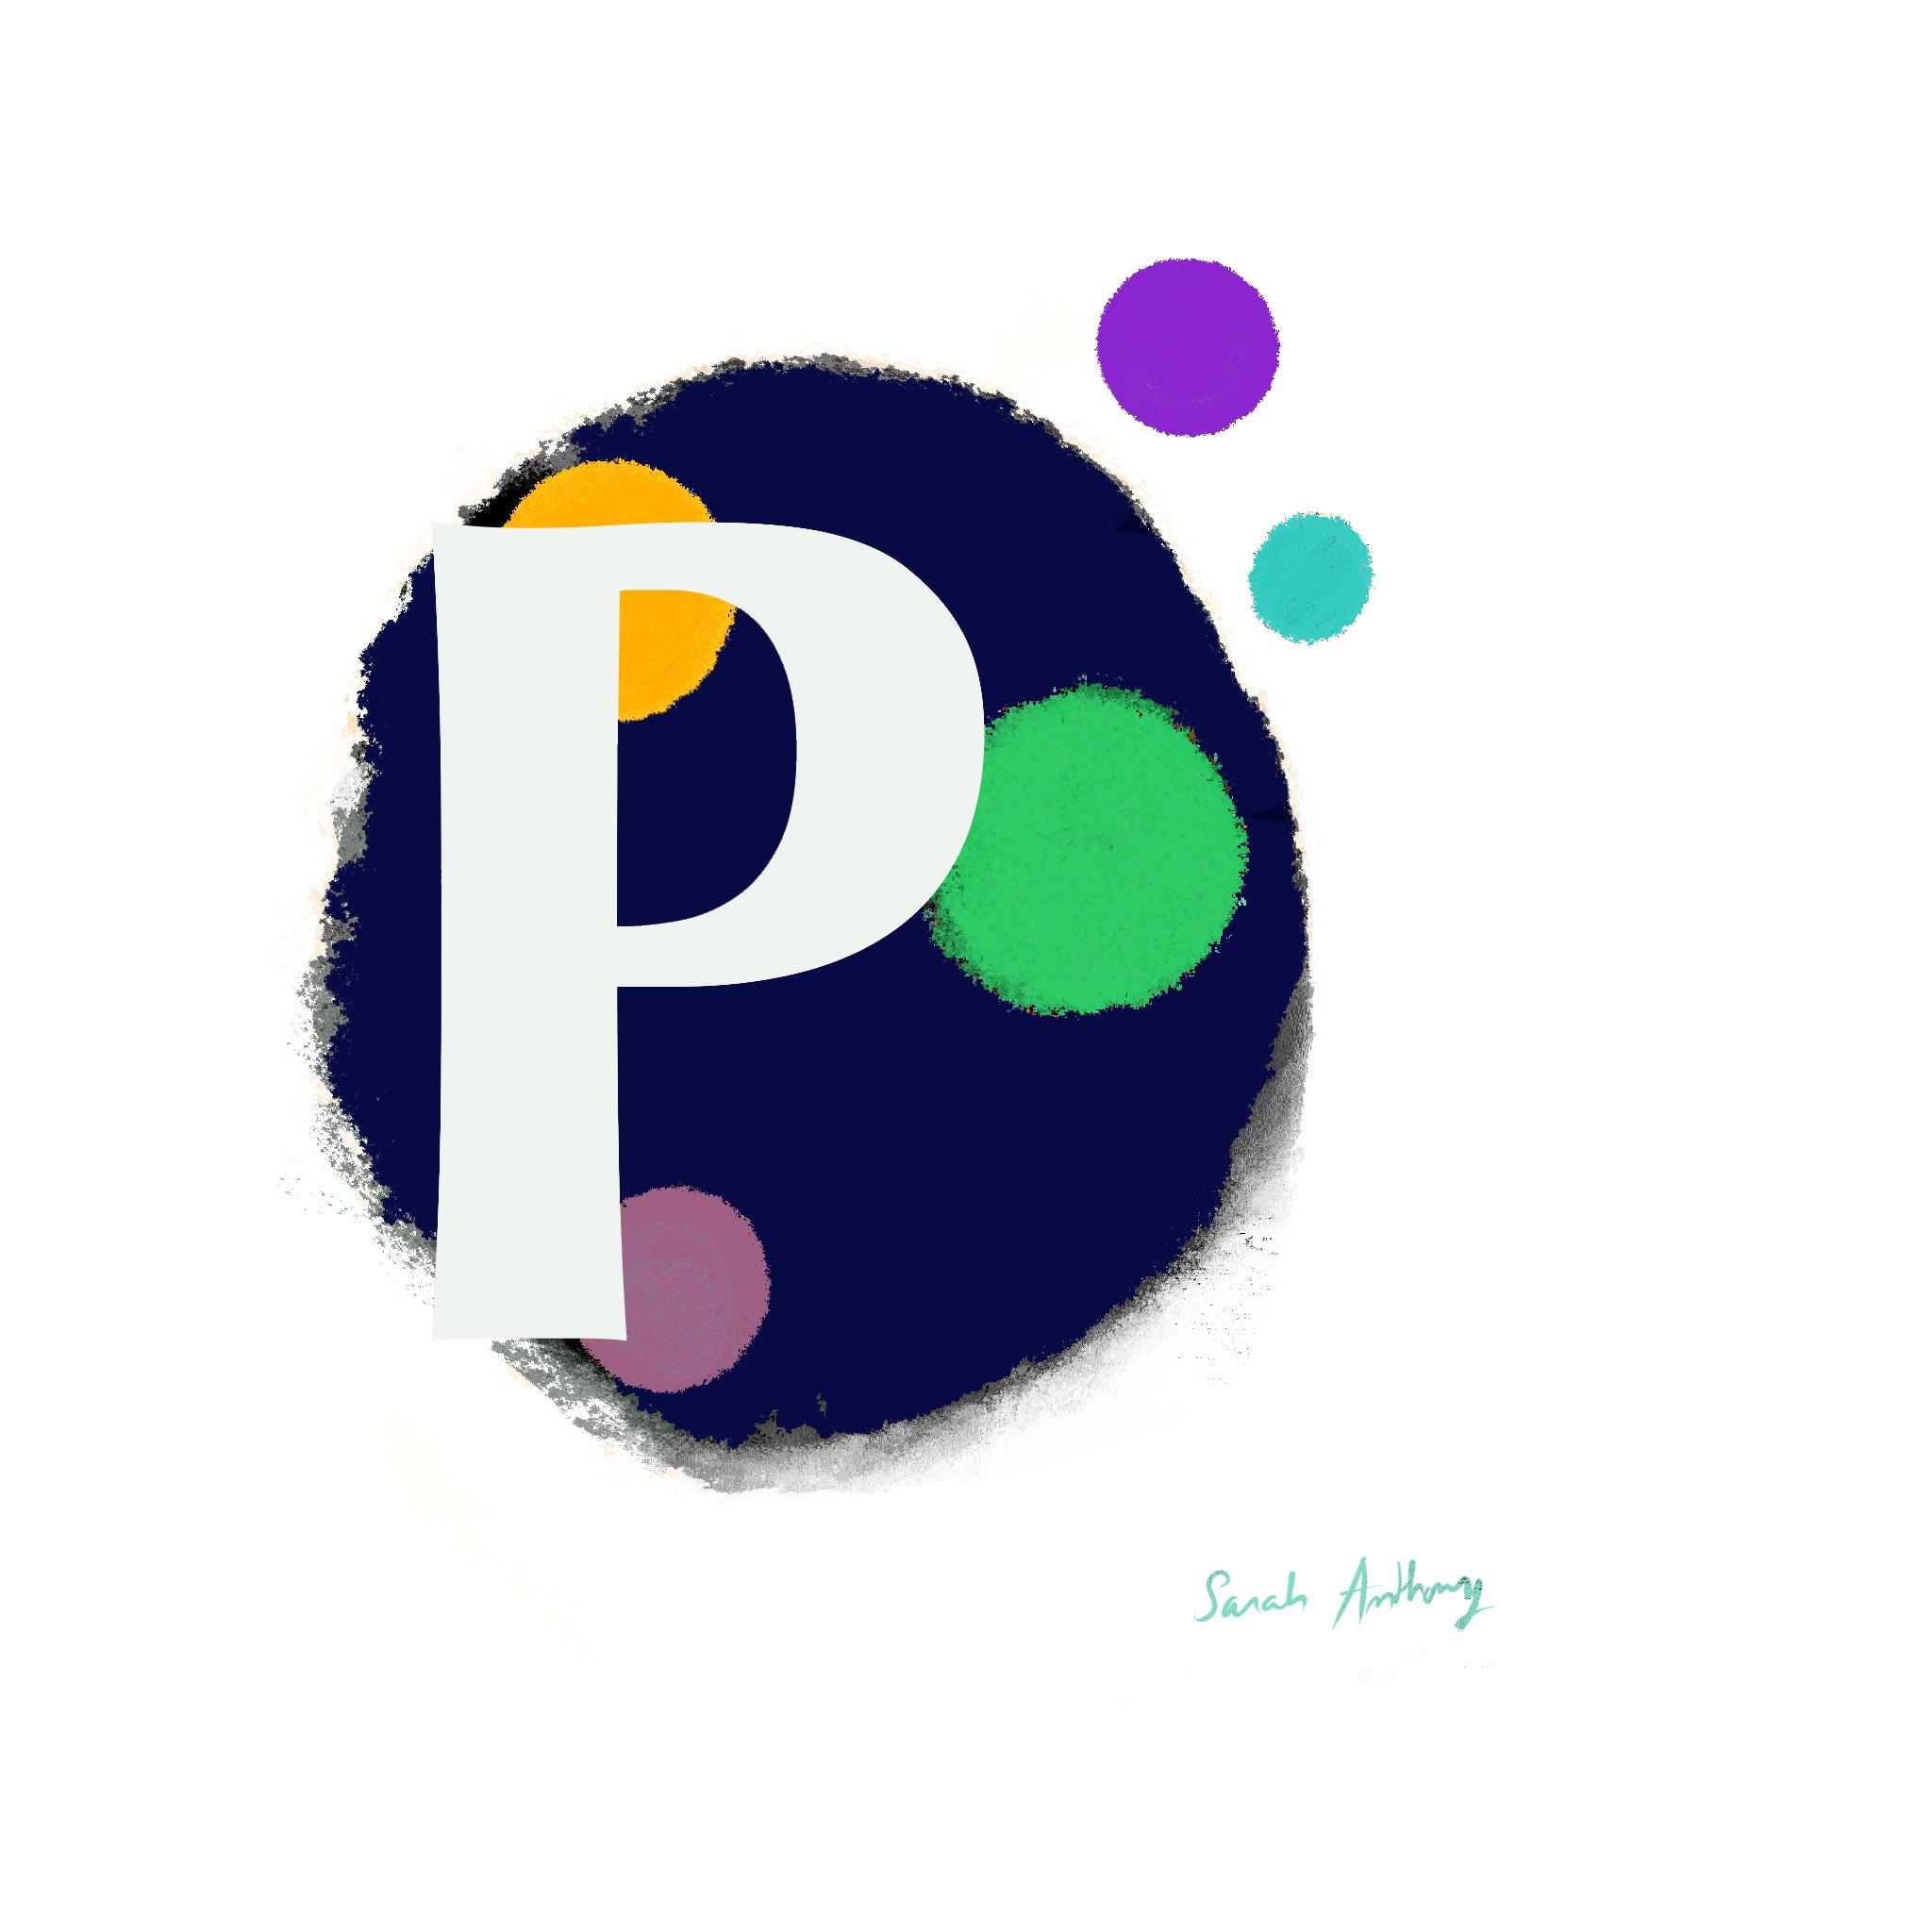 P-r-duit